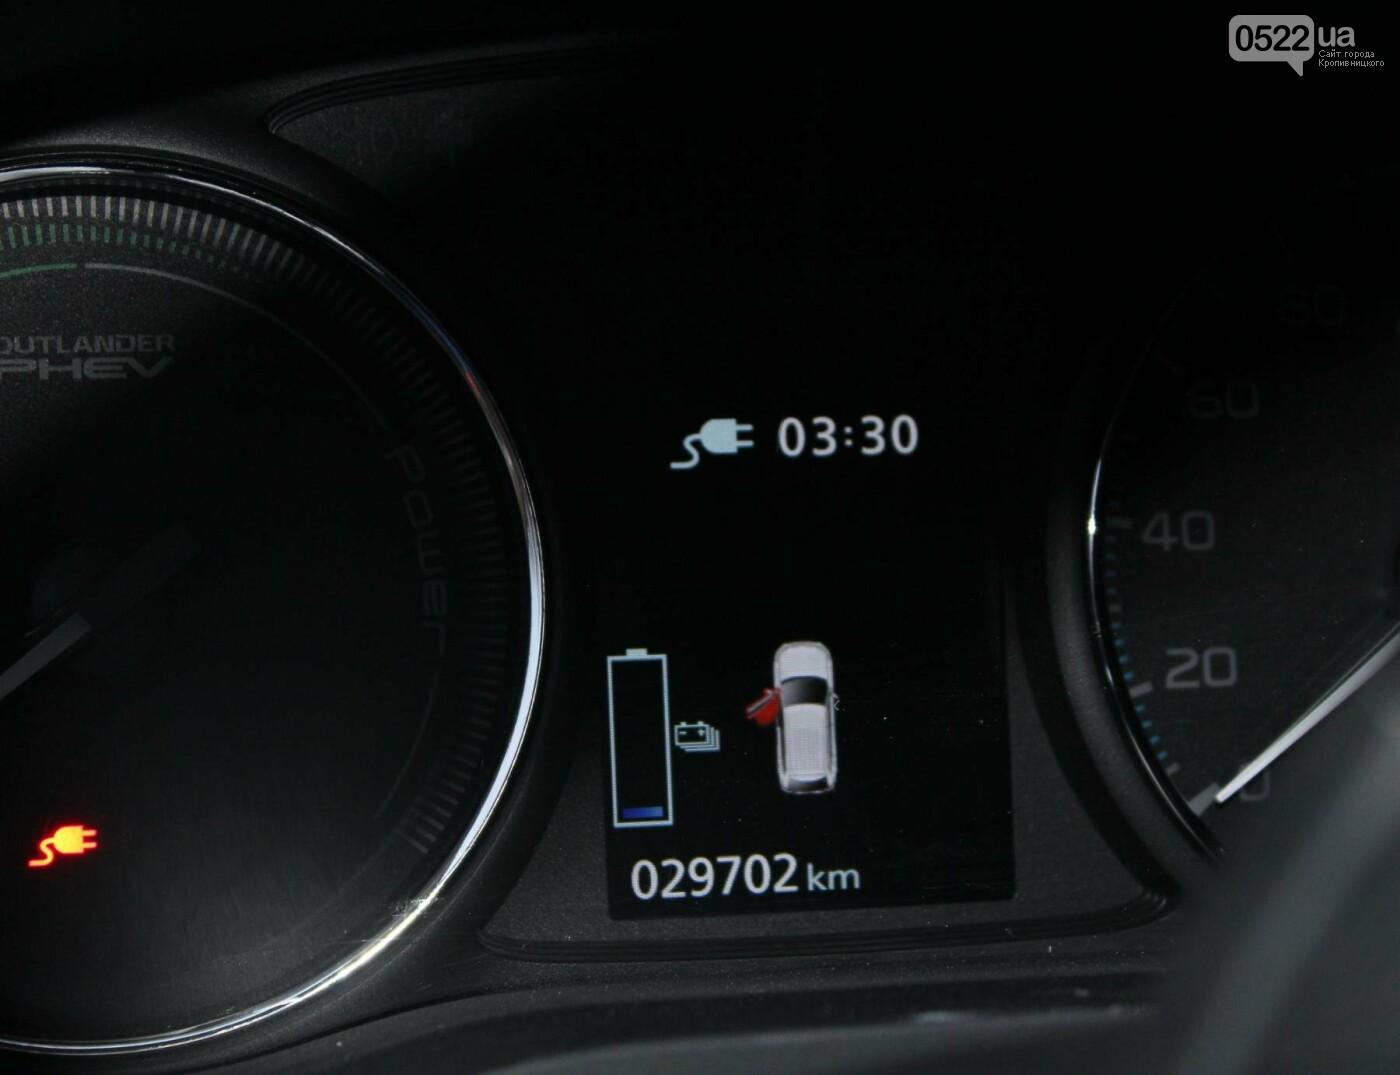 Поліцейські Кіровоградщини одні з перших в Україні провели тендер та закупили пристрої для пришвидшеної зарядки автомобілів (ФОТО, ВИДЕО), фото-5